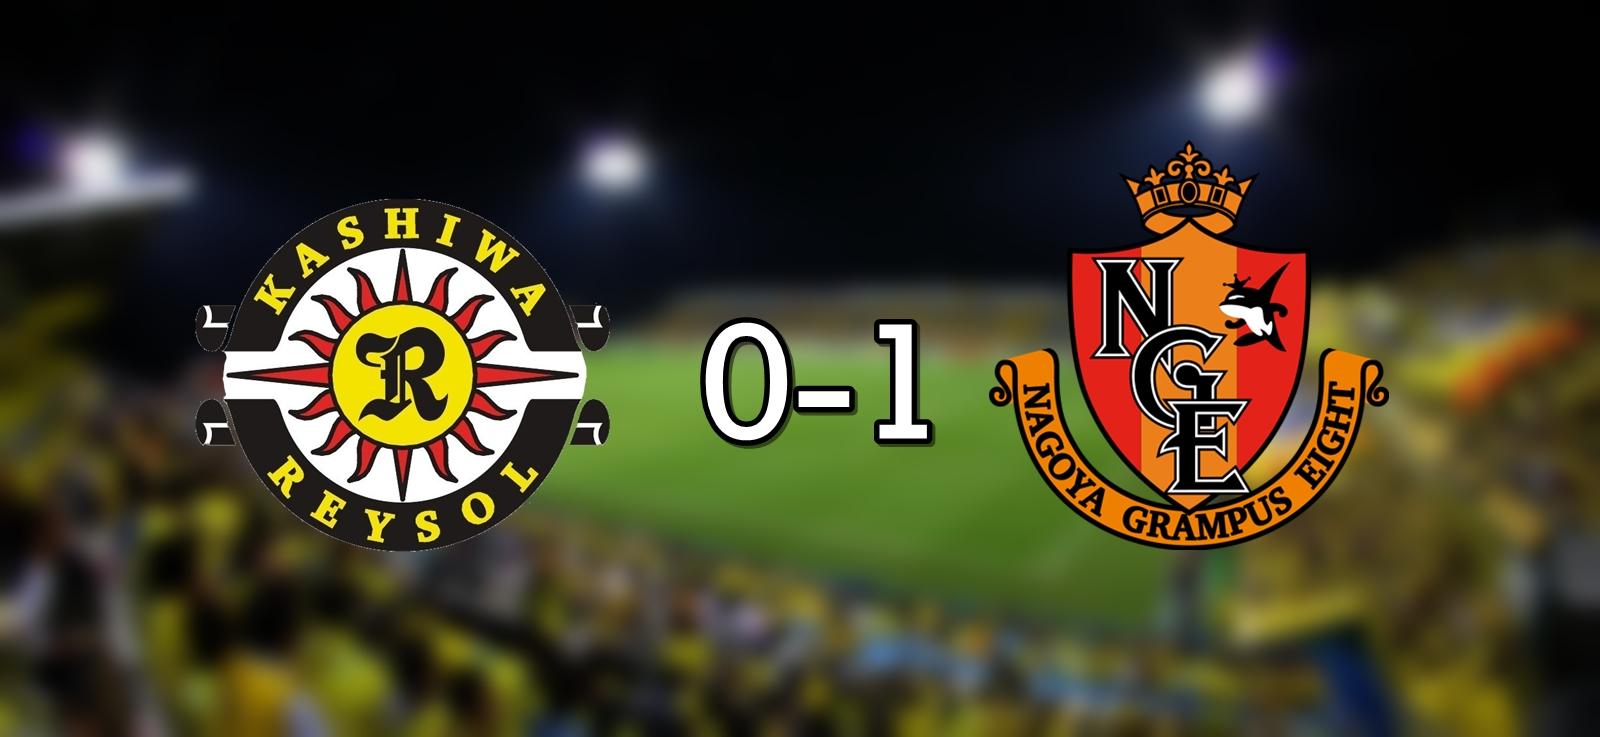 Reysol 0-1 Nagoya